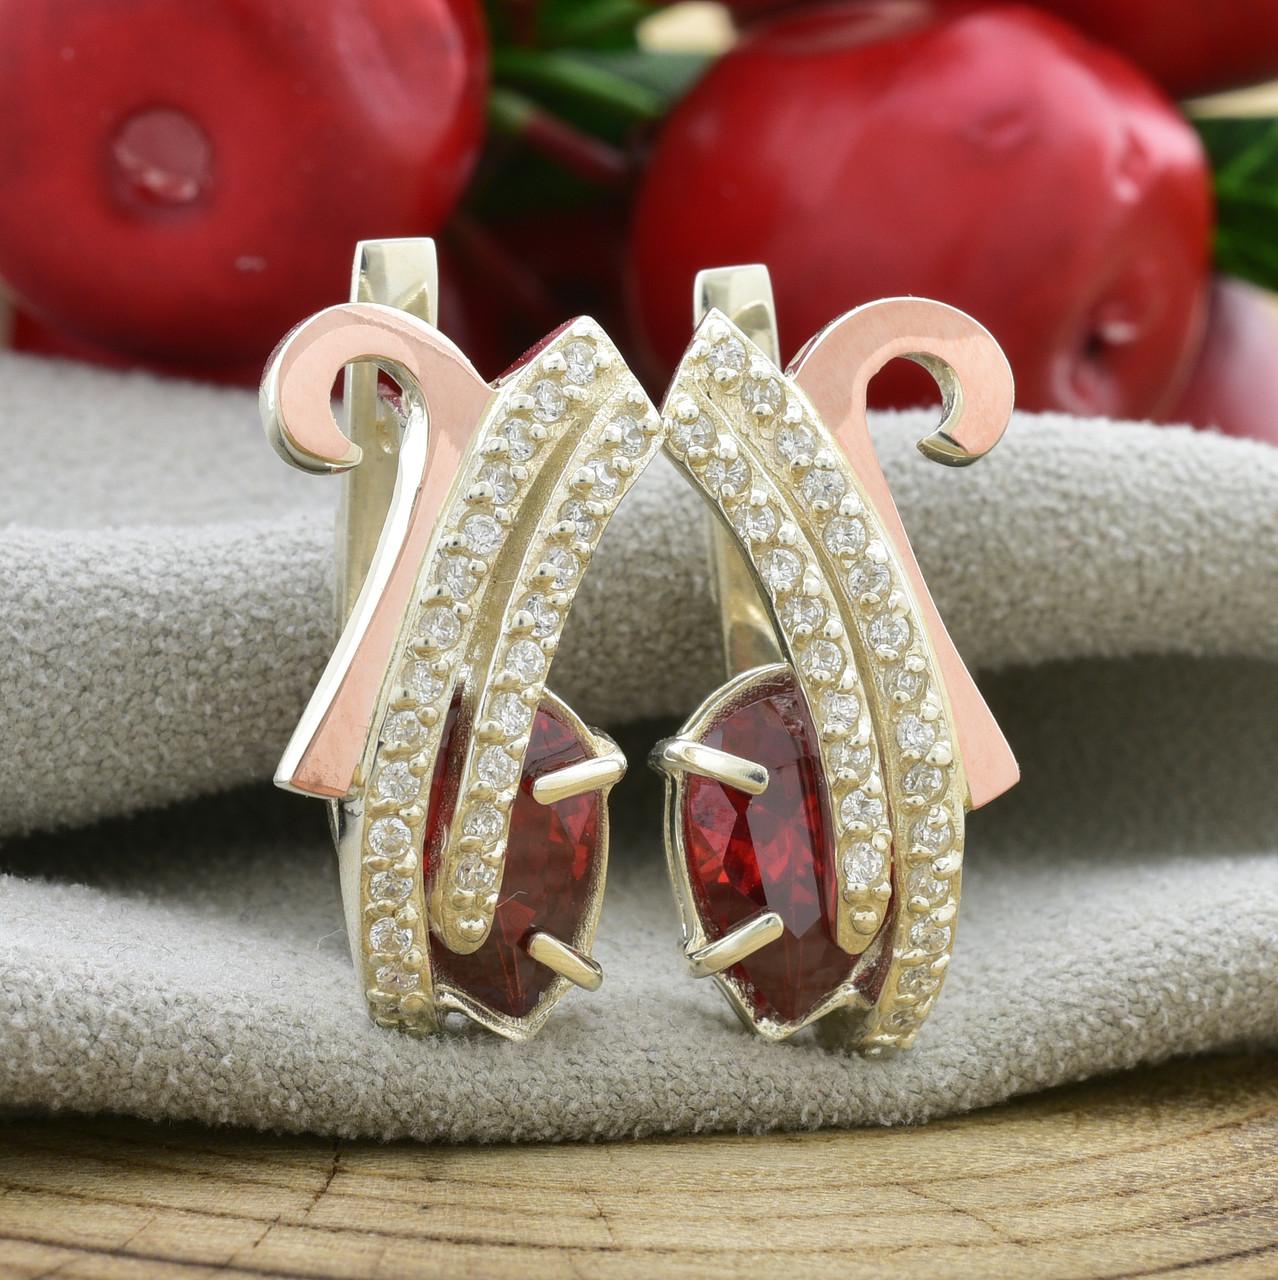 Серебряные серьги с золотом Сильвия размер 24х12 мм вставка красные фианиты вес 8.8 г